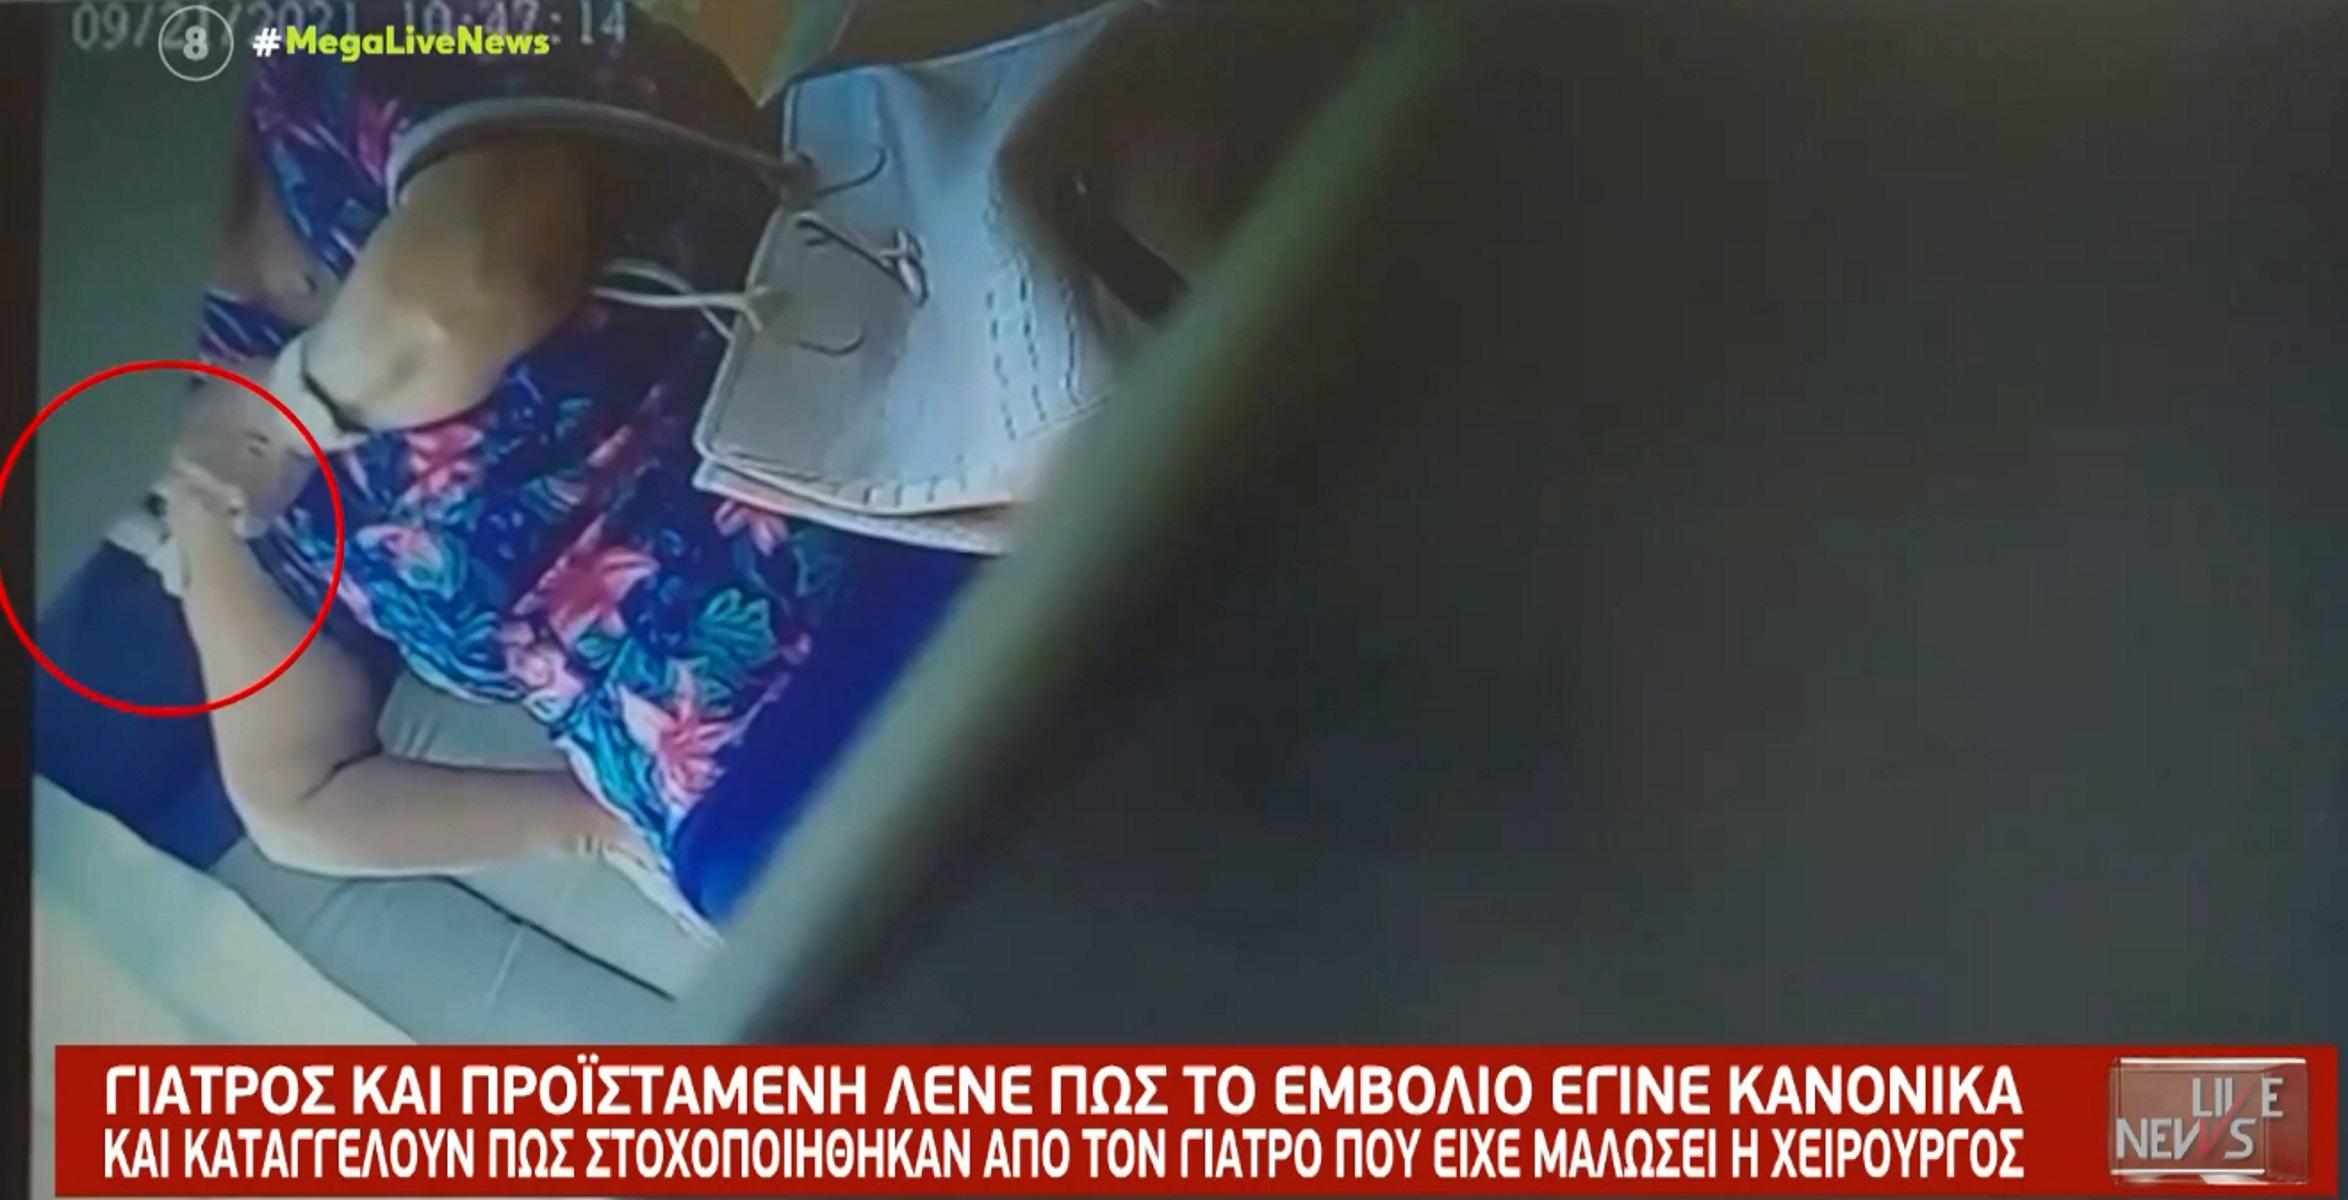 Κορονοϊός: Αναβλήθηκε η δίκη για τους εικονικούς εμβολιασμούς στο ΙΚΑ Αλεξάνδρας